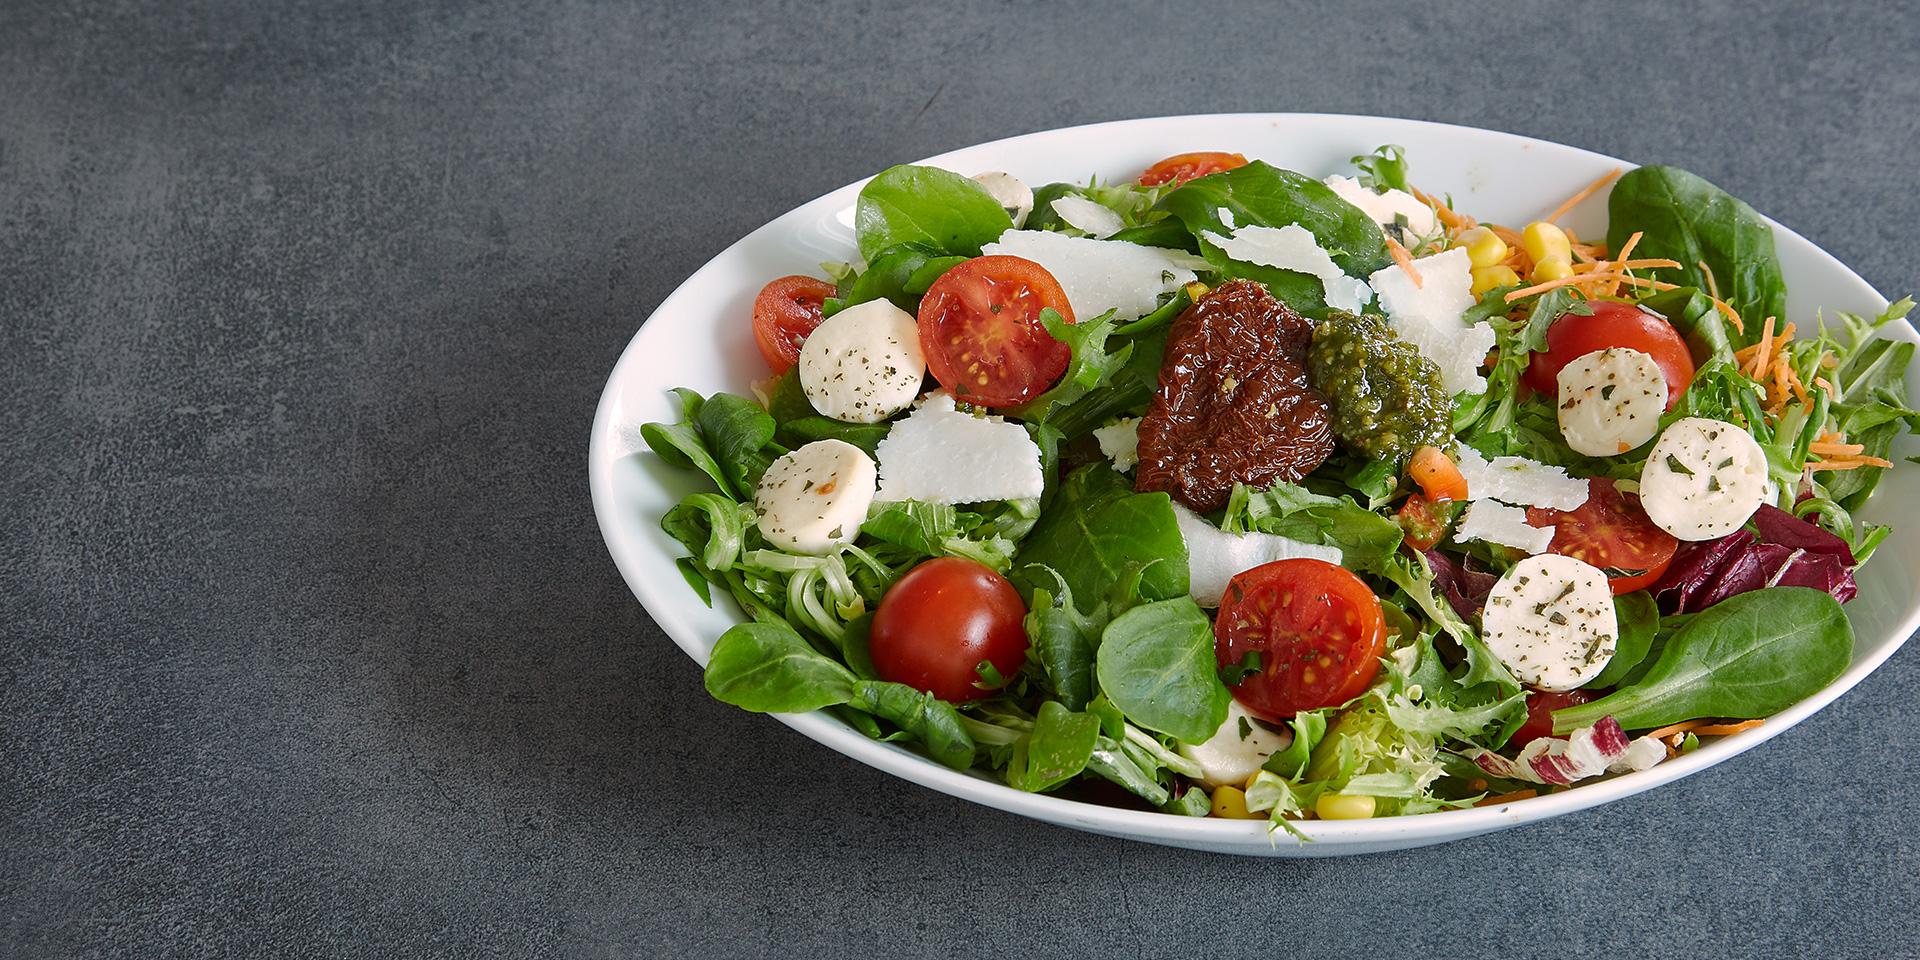 Bäckerei Wirthensohn Sonthofen Mittagstisch Salat